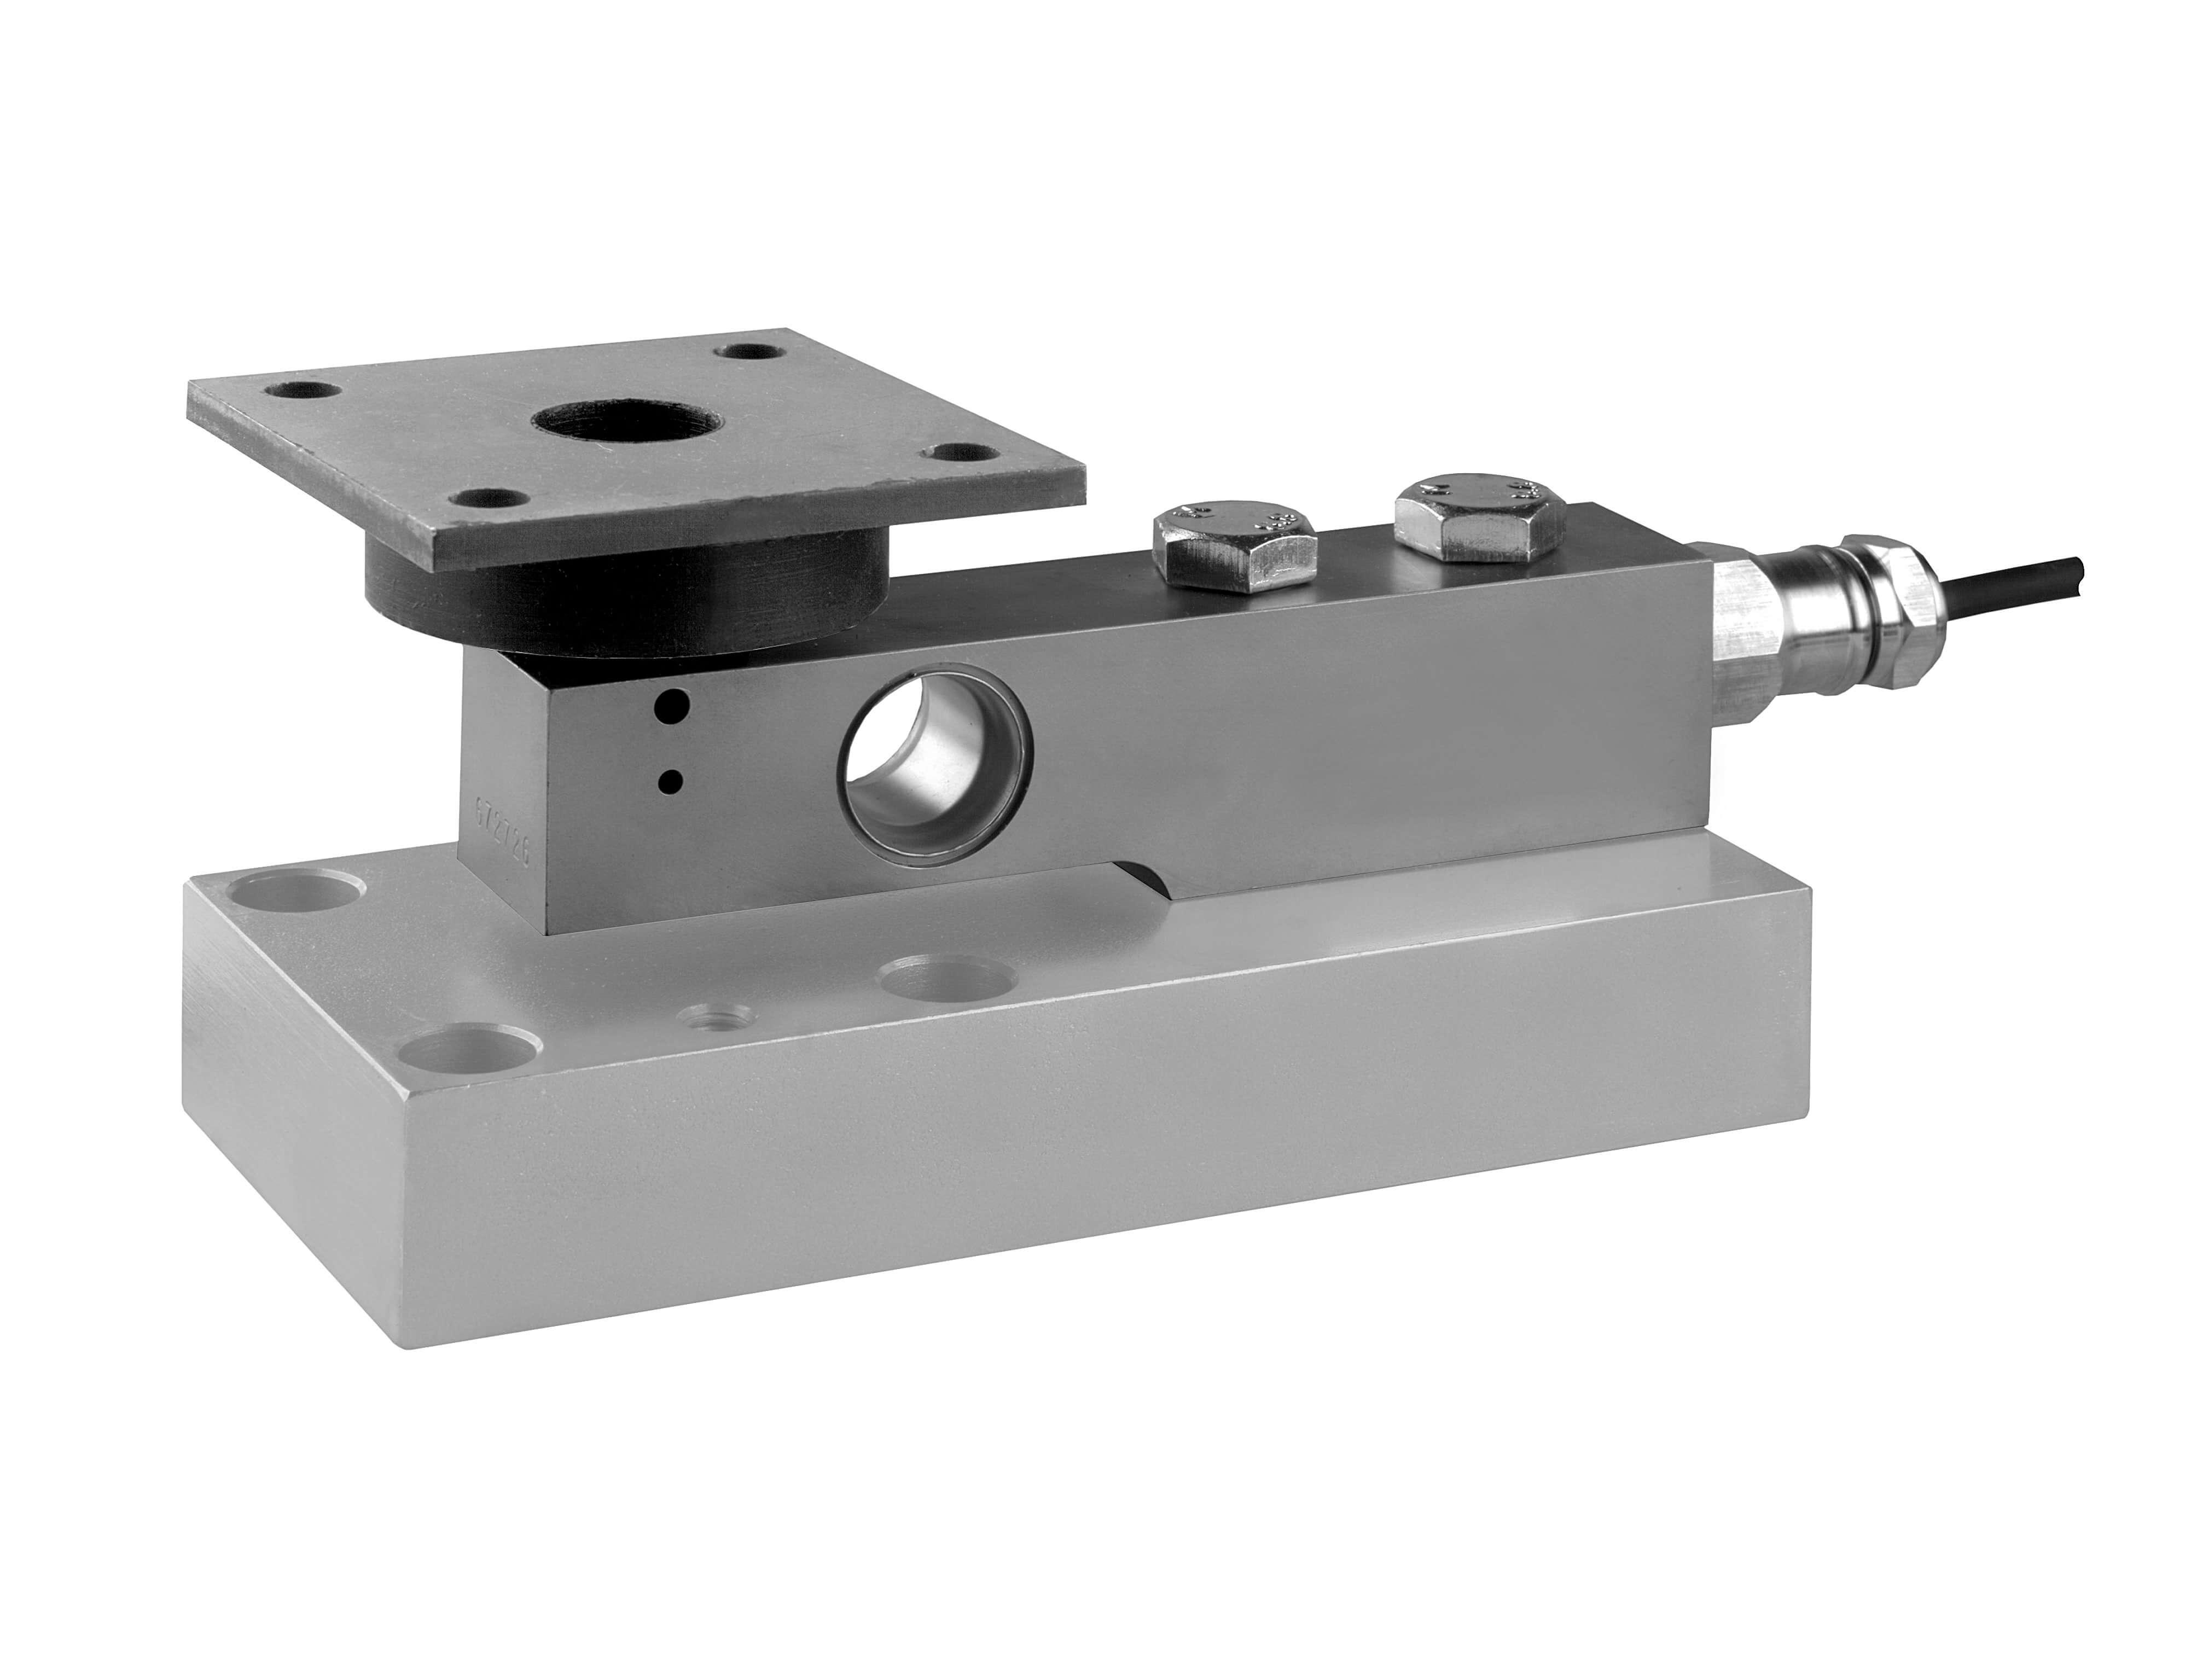 52-05 rubber element met flens (geschikt voor SB4, SB5, SB6, SLB, SB9 SB14) Image